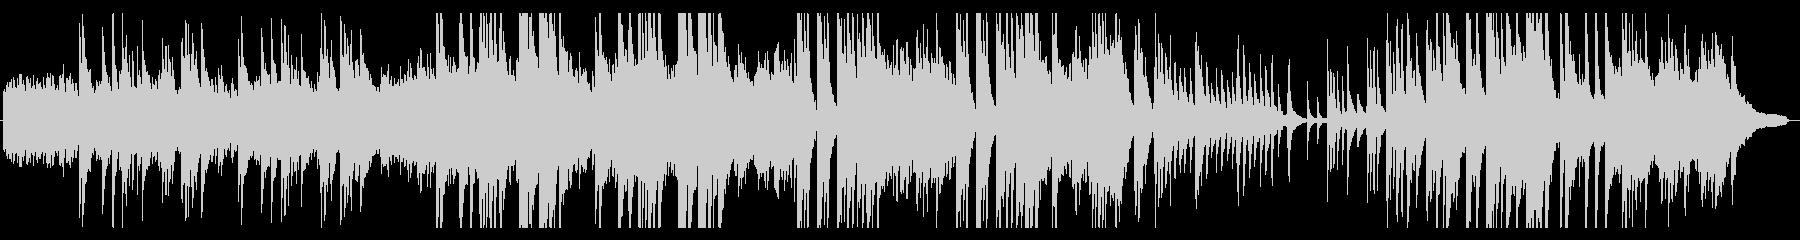 ファンタジックでノスタルジックなピアノ曲の未再生の波形